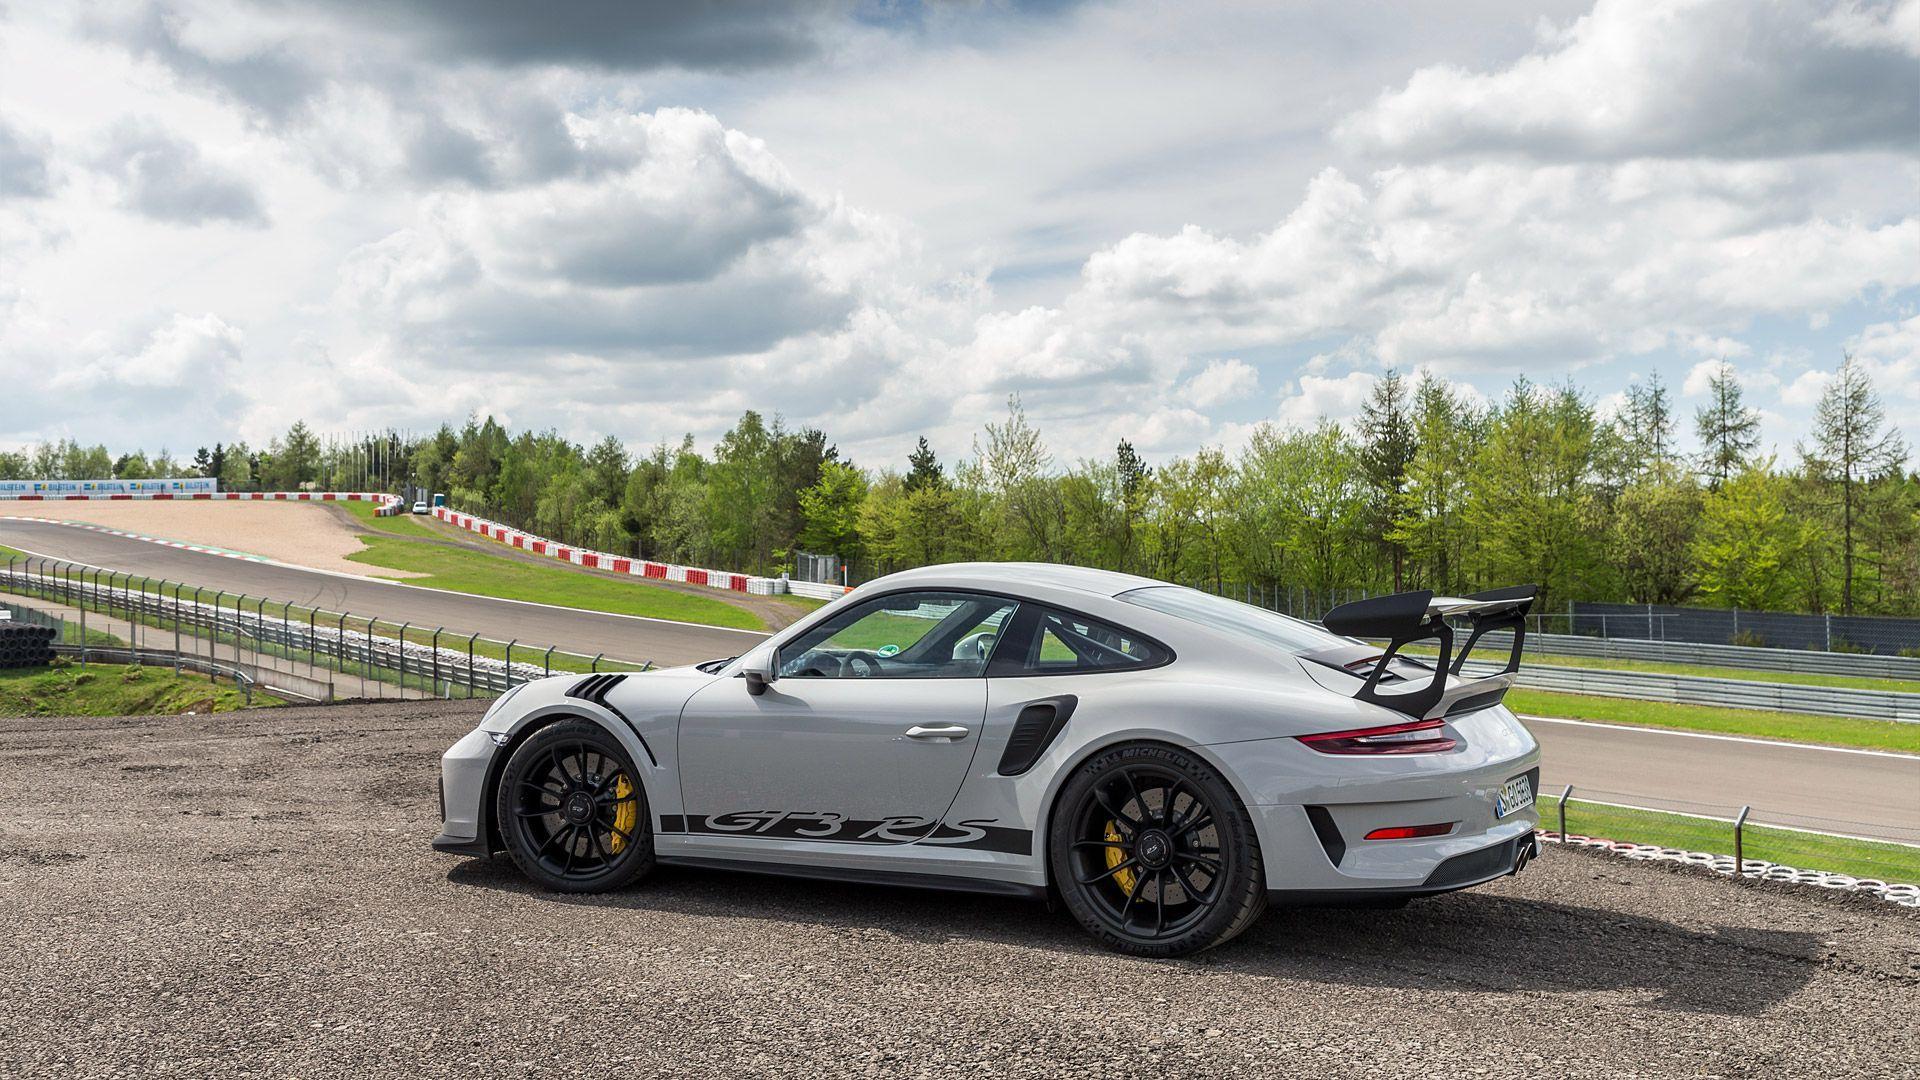 Porsche 911 Gt3 Rs Wallpaper: Porsche 911 GTR Wallpapers